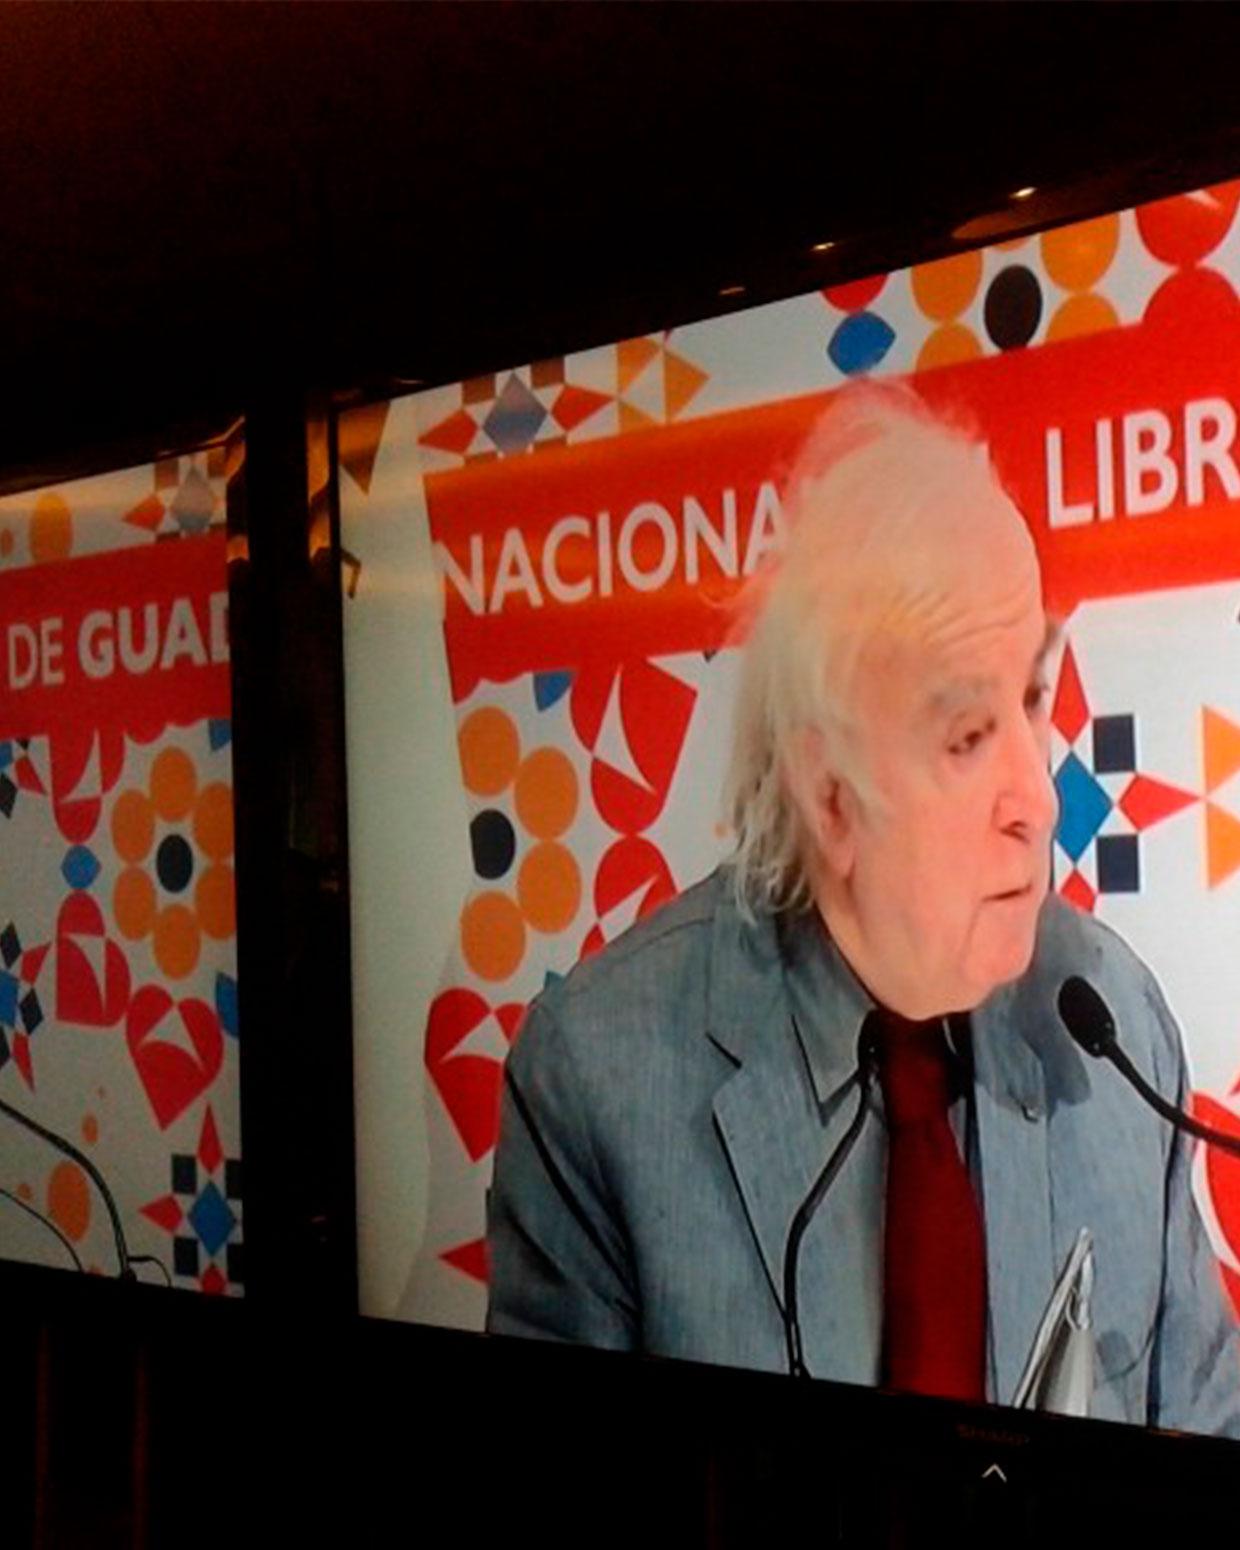 Norman Manea en la FIL. FOTOGRAFÍA DE WINSTON M,ANRIQUE